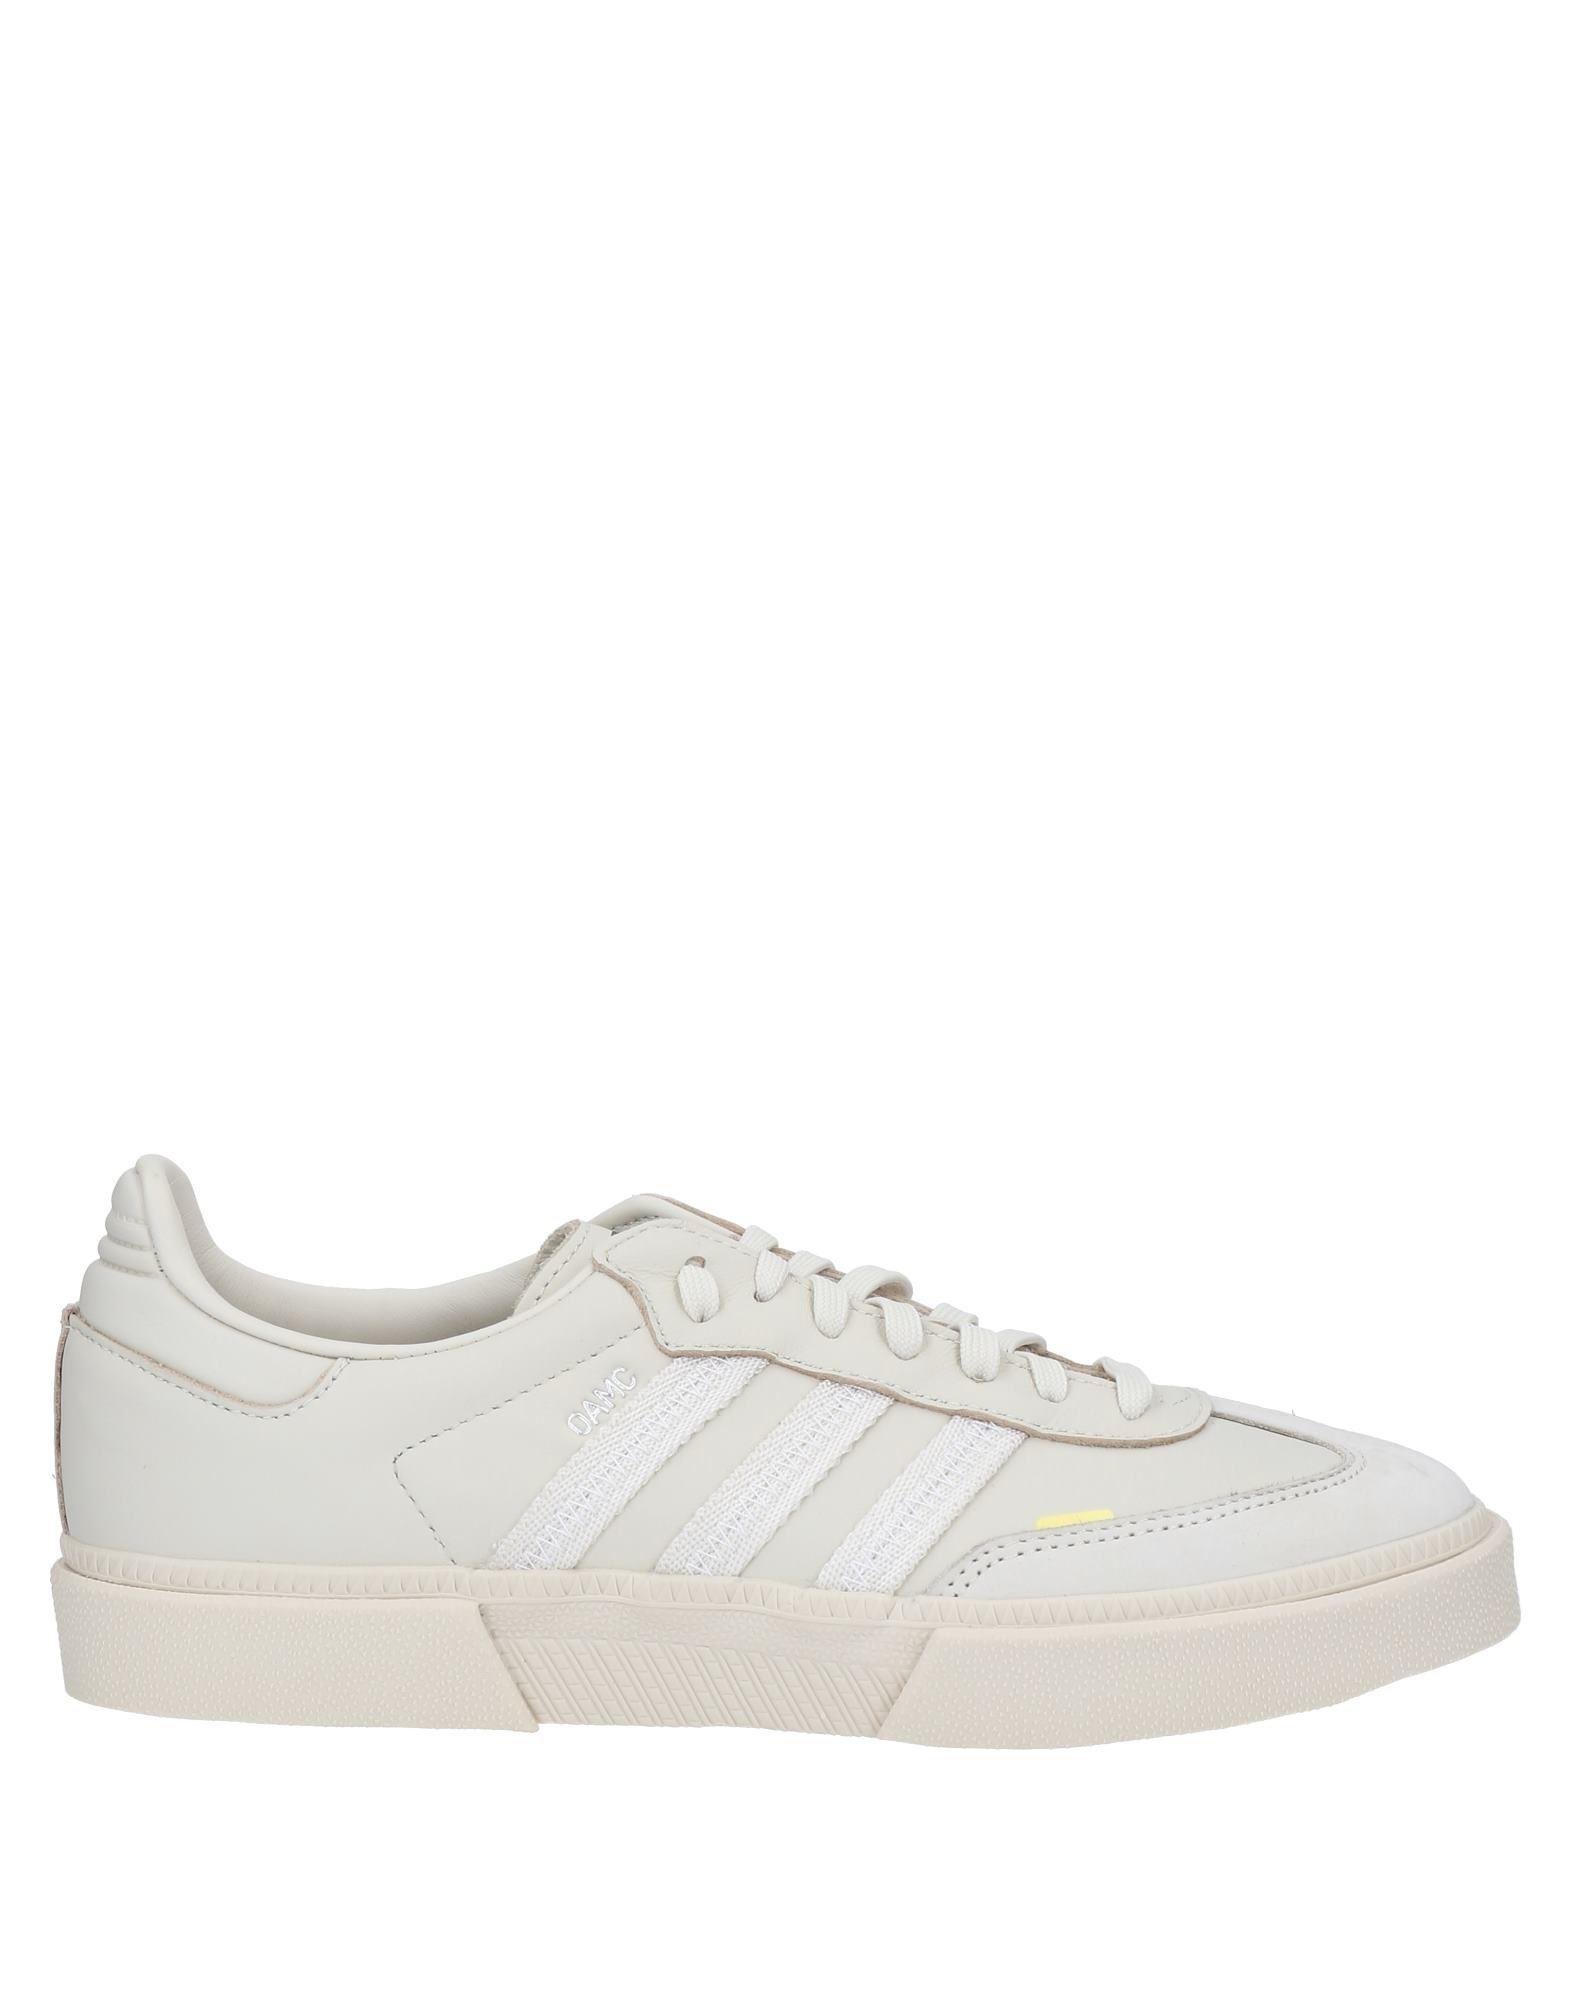 Фото - OAMC x ADIDAS ORIGINALS Кеды и кроссовки мужские кеды adidas originals x wales bonner nizza low